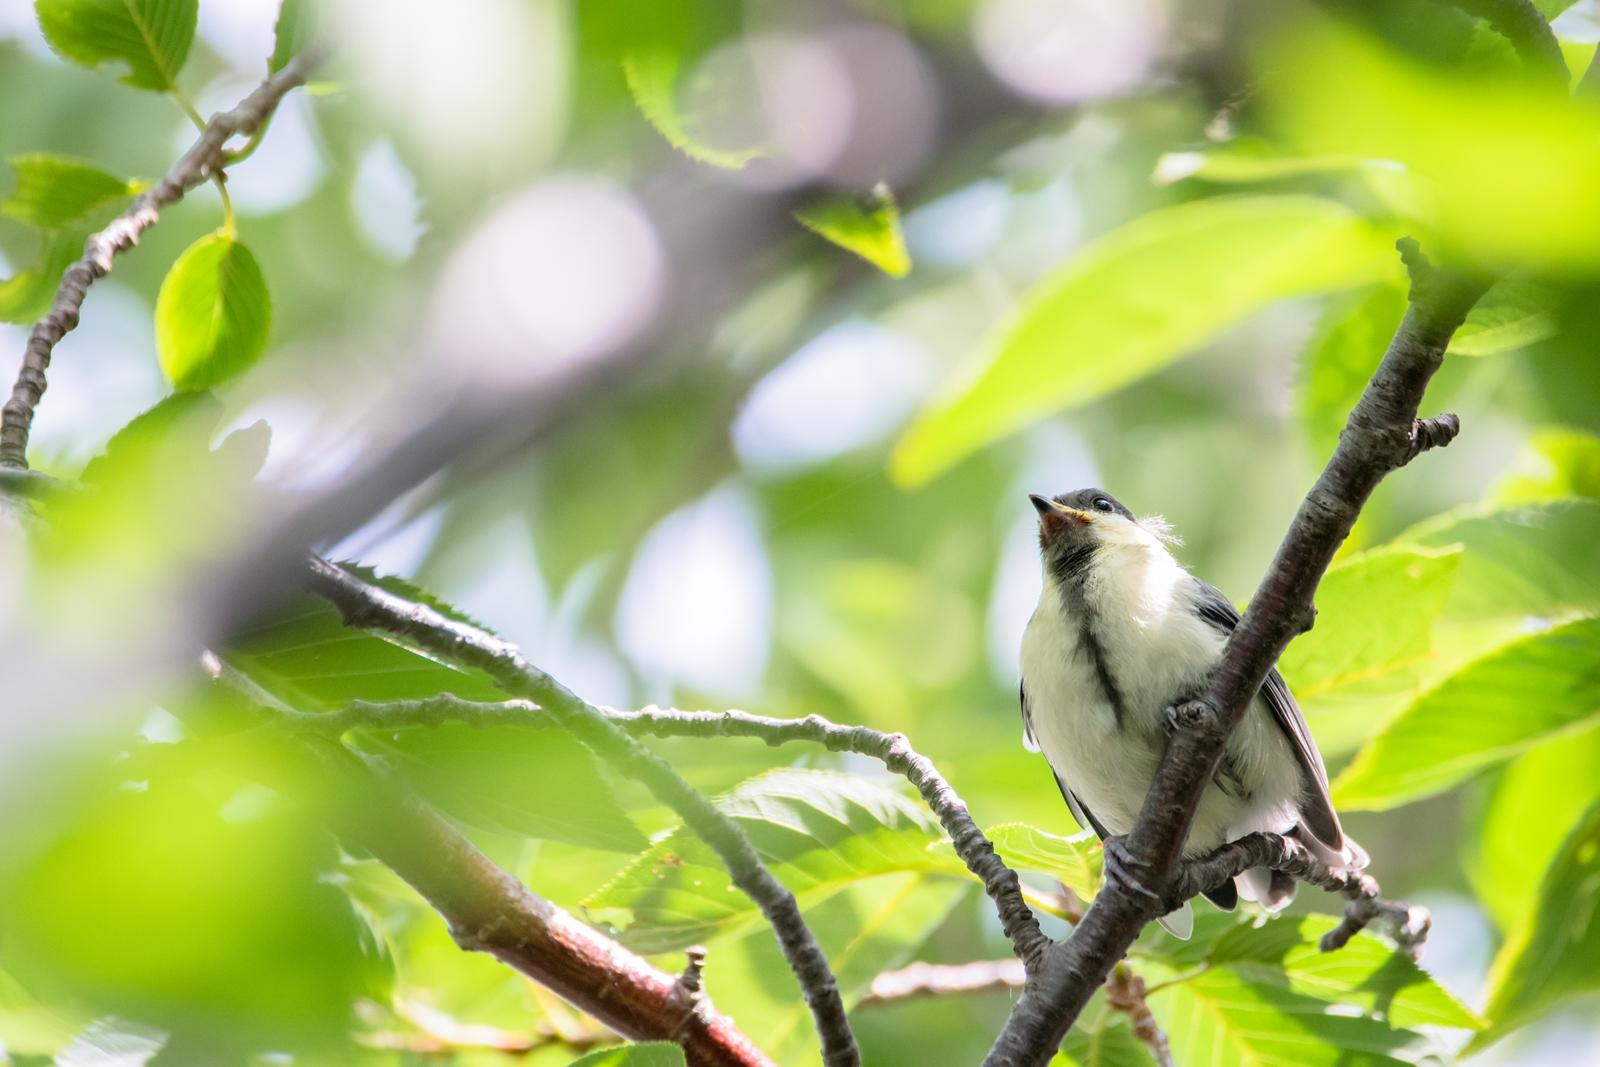 Photo: 「可能性に満ちて」 / Hopeful.  君には自由に飛べる翼がある 親からの希望が込められた 小さな翼 逞しく広い広い大空へ  Japanese Tit. (シジュウカラ)  Nikon D500 SIGMA 150-600mm F5-6.3 DG OS HSM Contemporary  #birdphotography #birds #kawaii #ことり #小鳥 #nikon #sigma  ( http://takafumiooshio.com/archives/2708 )